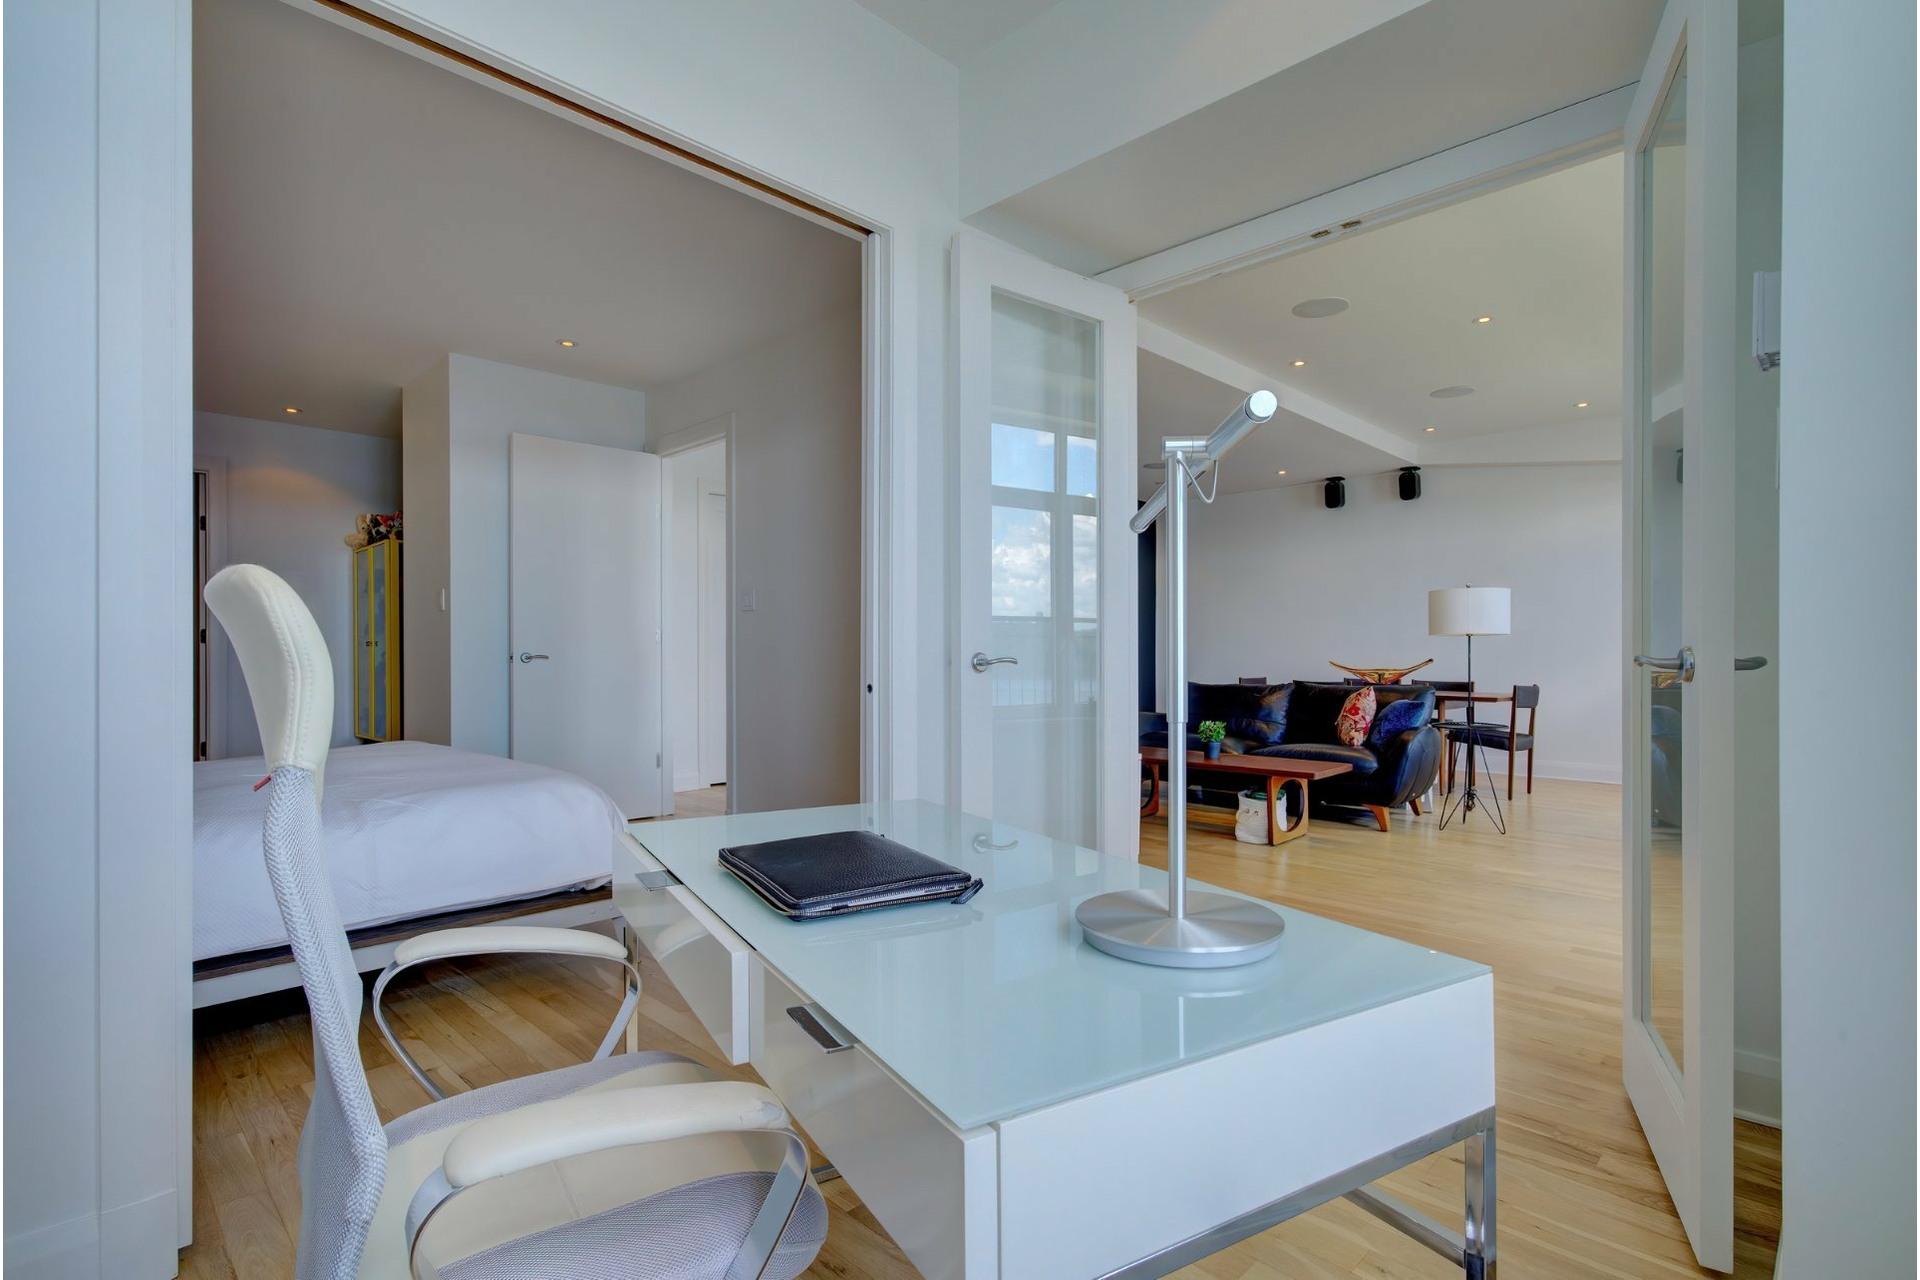 image 18 - Apartment For sale Ville-Marie Montréal  - 6 rooms